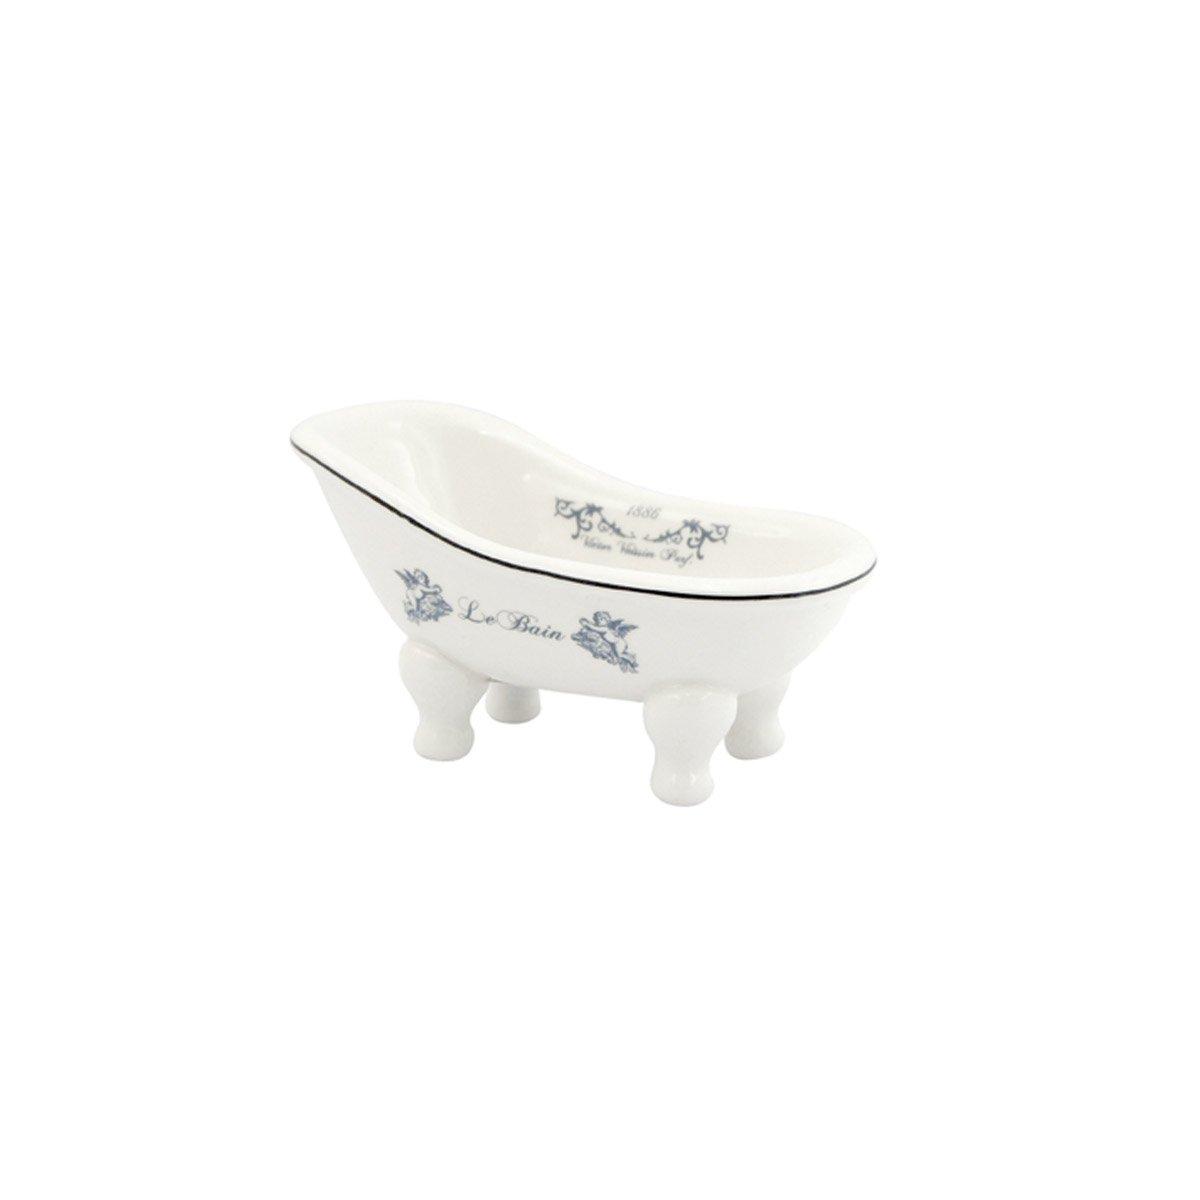 Ceramic Clawfoot Bathtub Bath Soap Dish or Ring Holder - Le Bain 1886